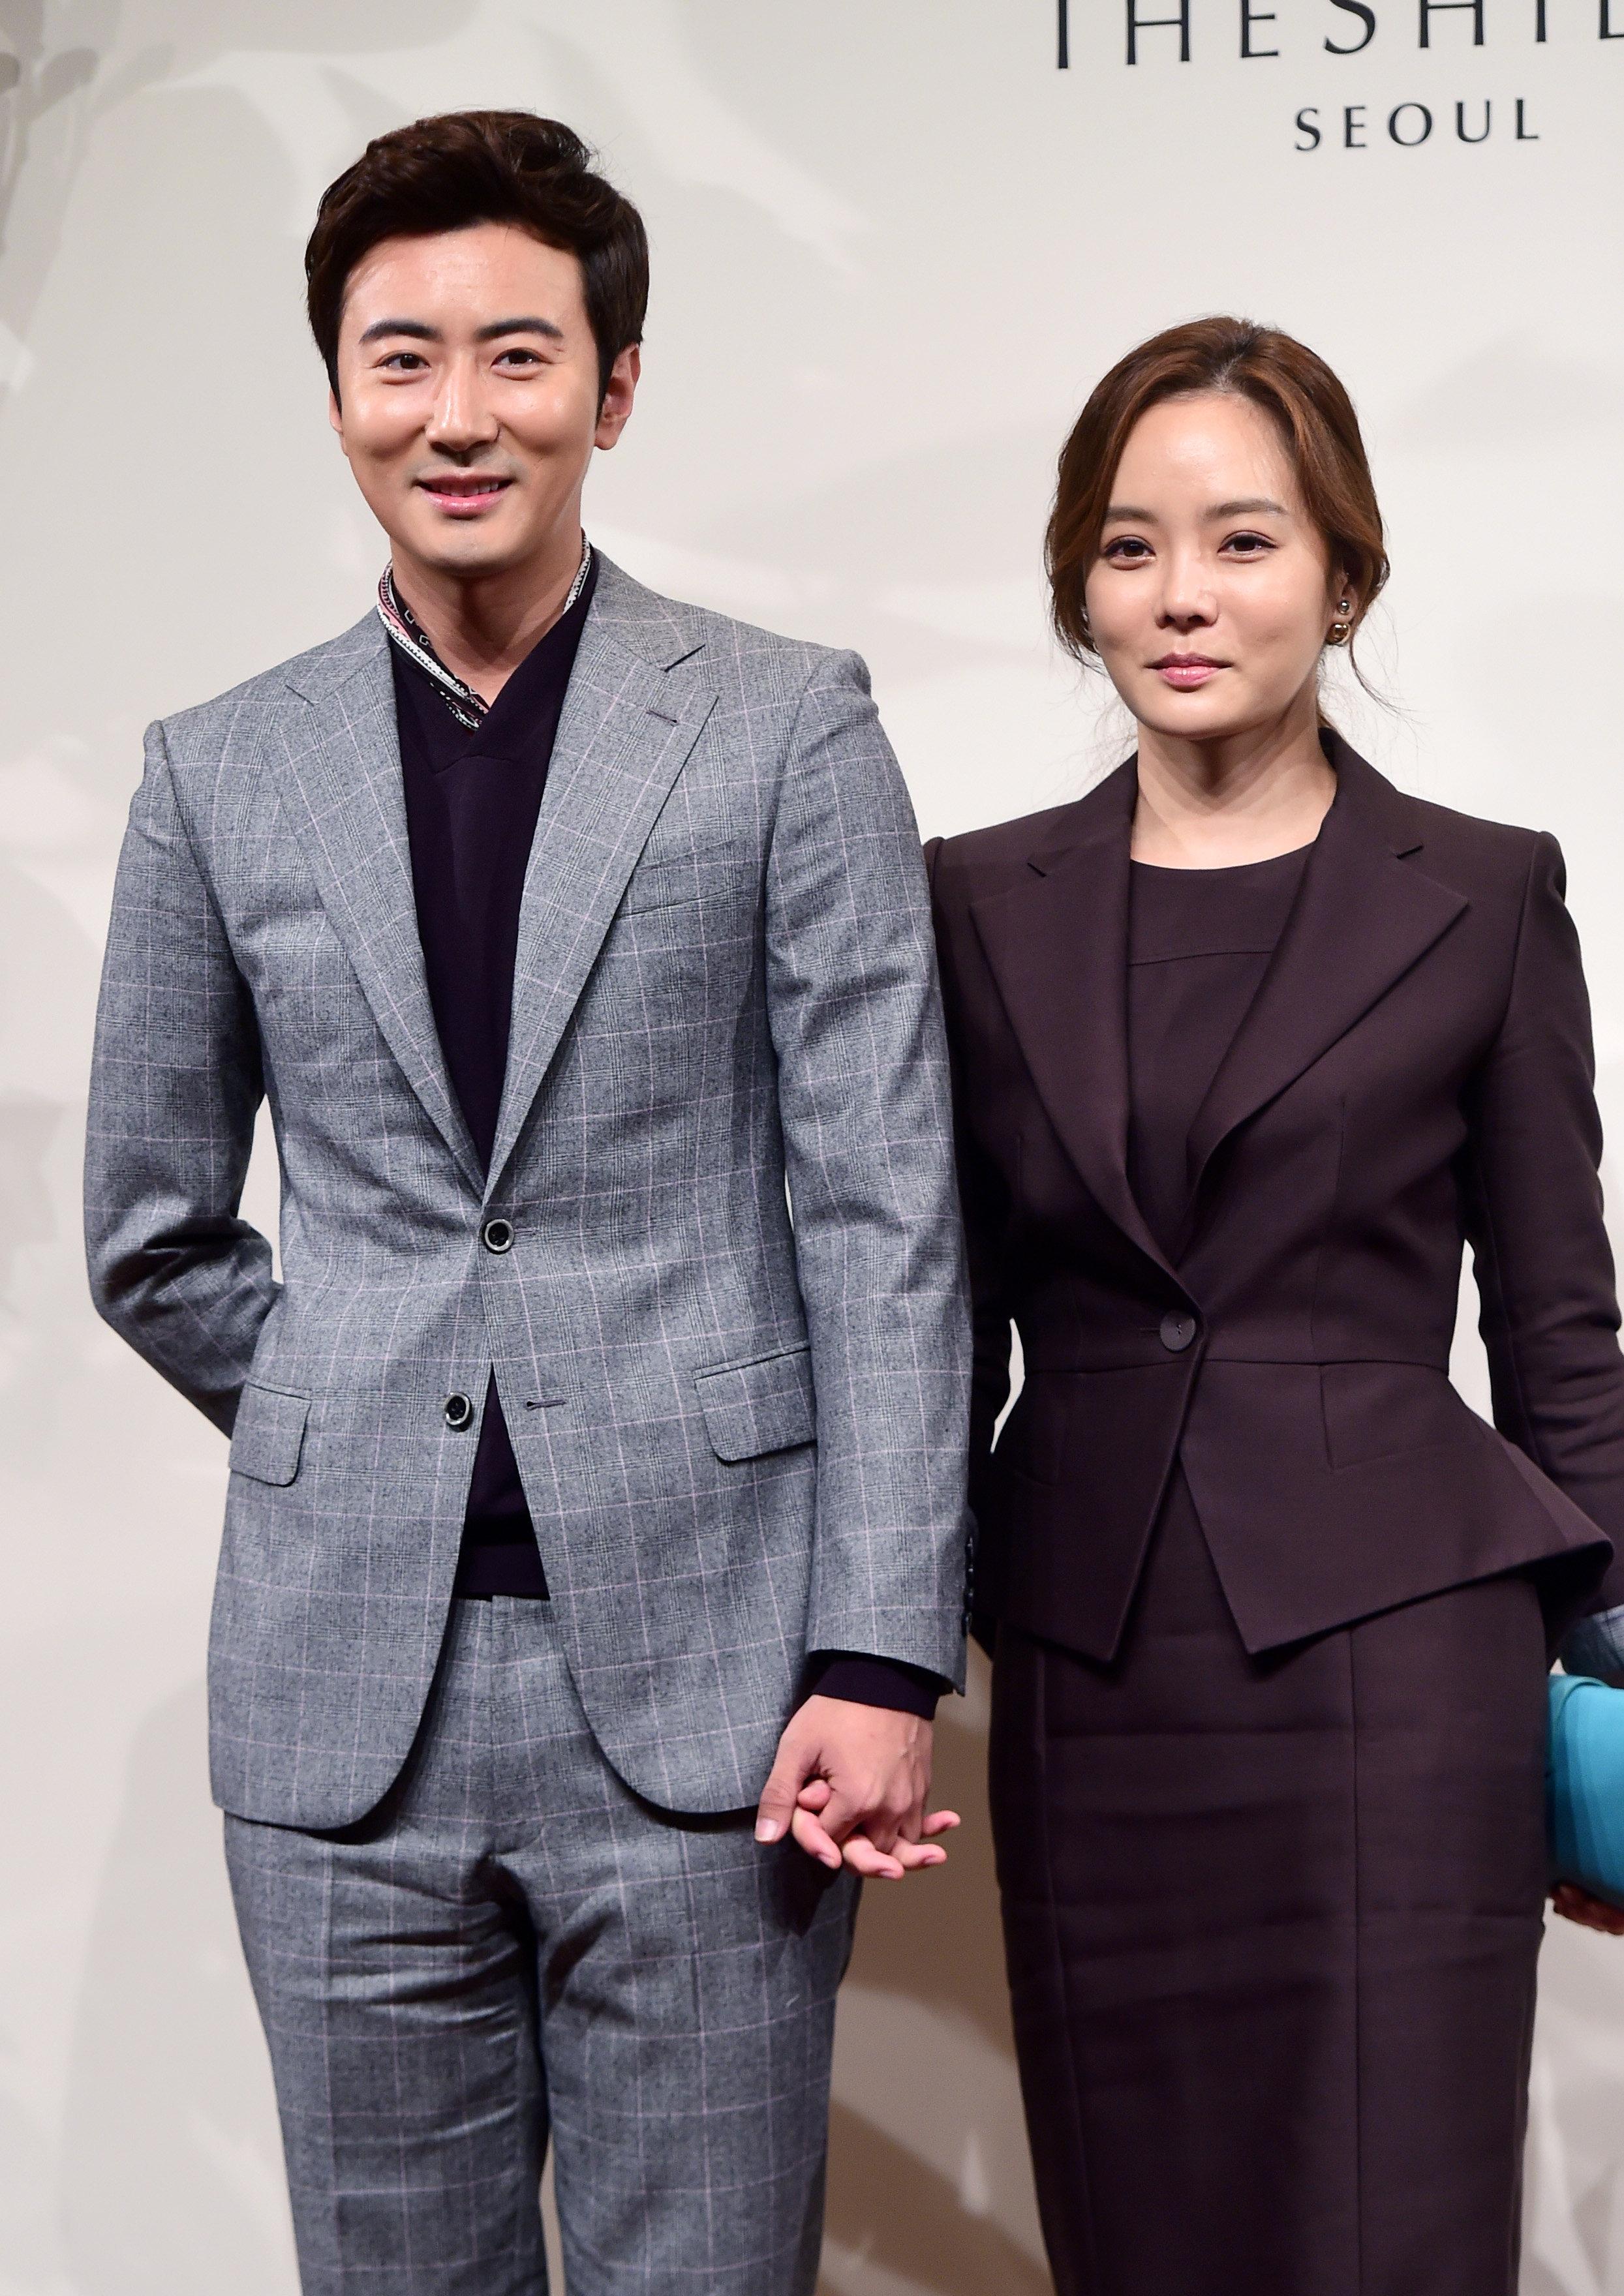 채림이 가오쯔치와의 이혼설에 대해 밝힌